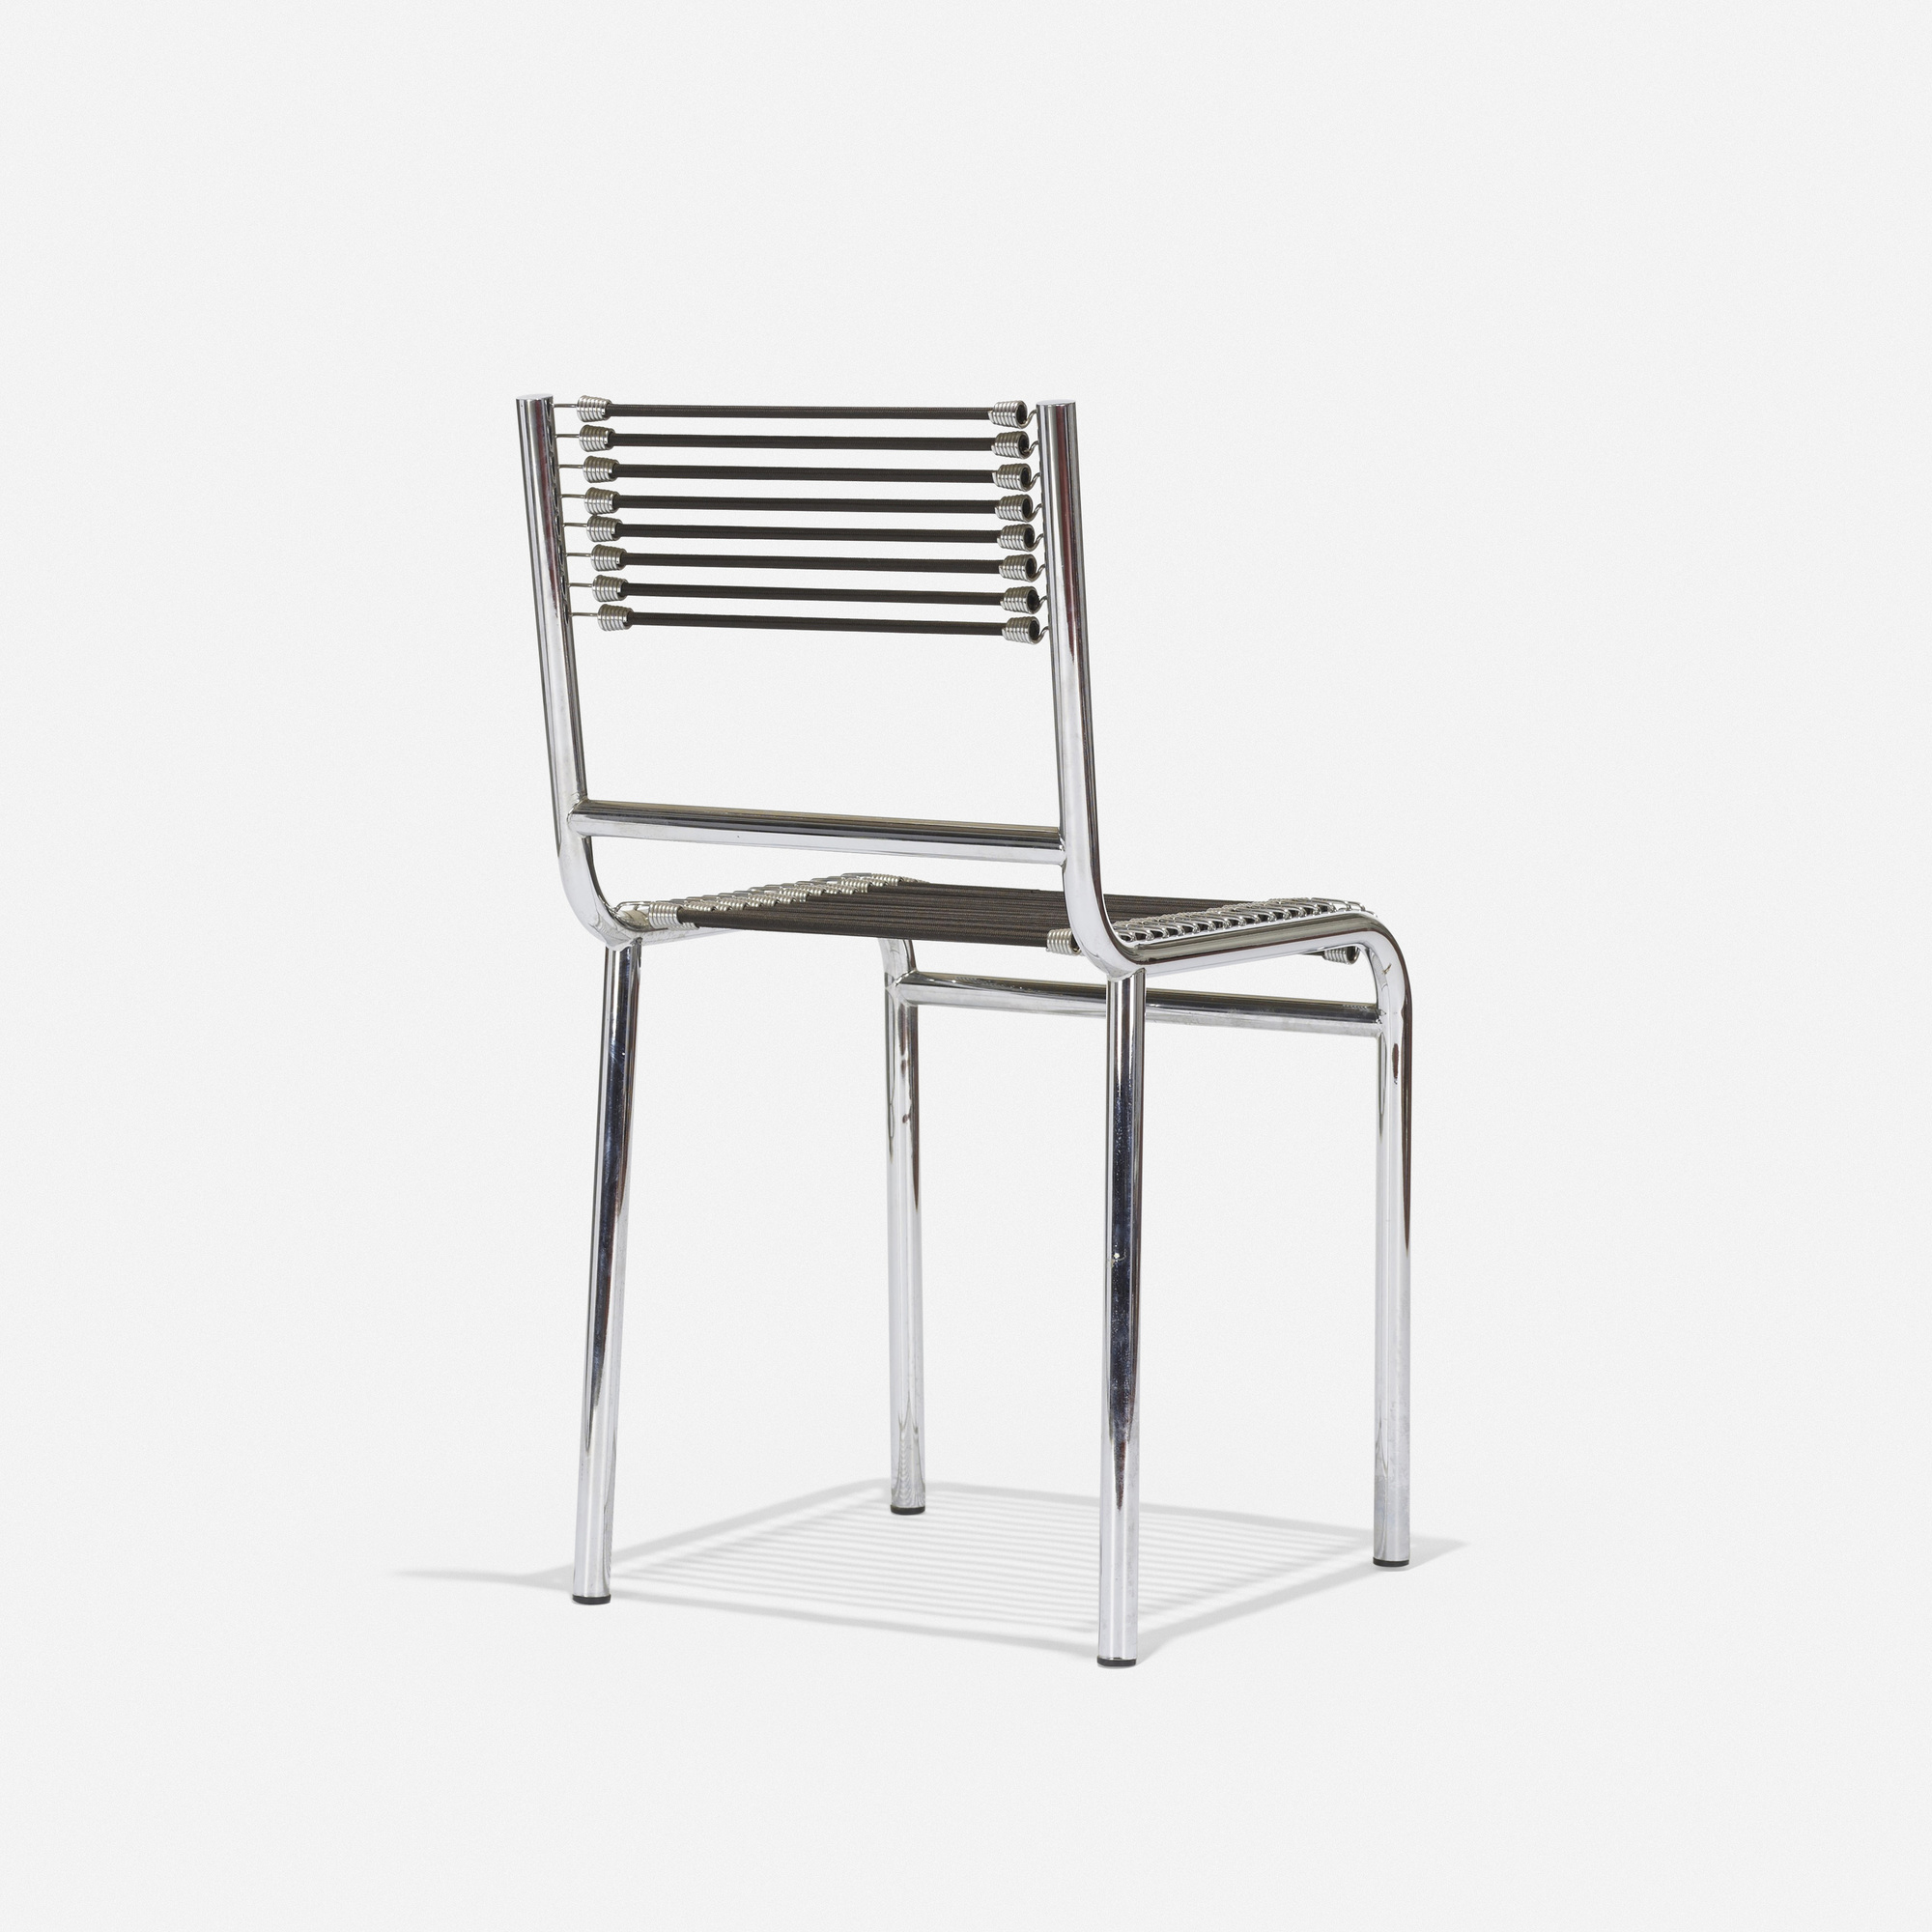 220: René Herbst / Sandows chair (2 of 4)